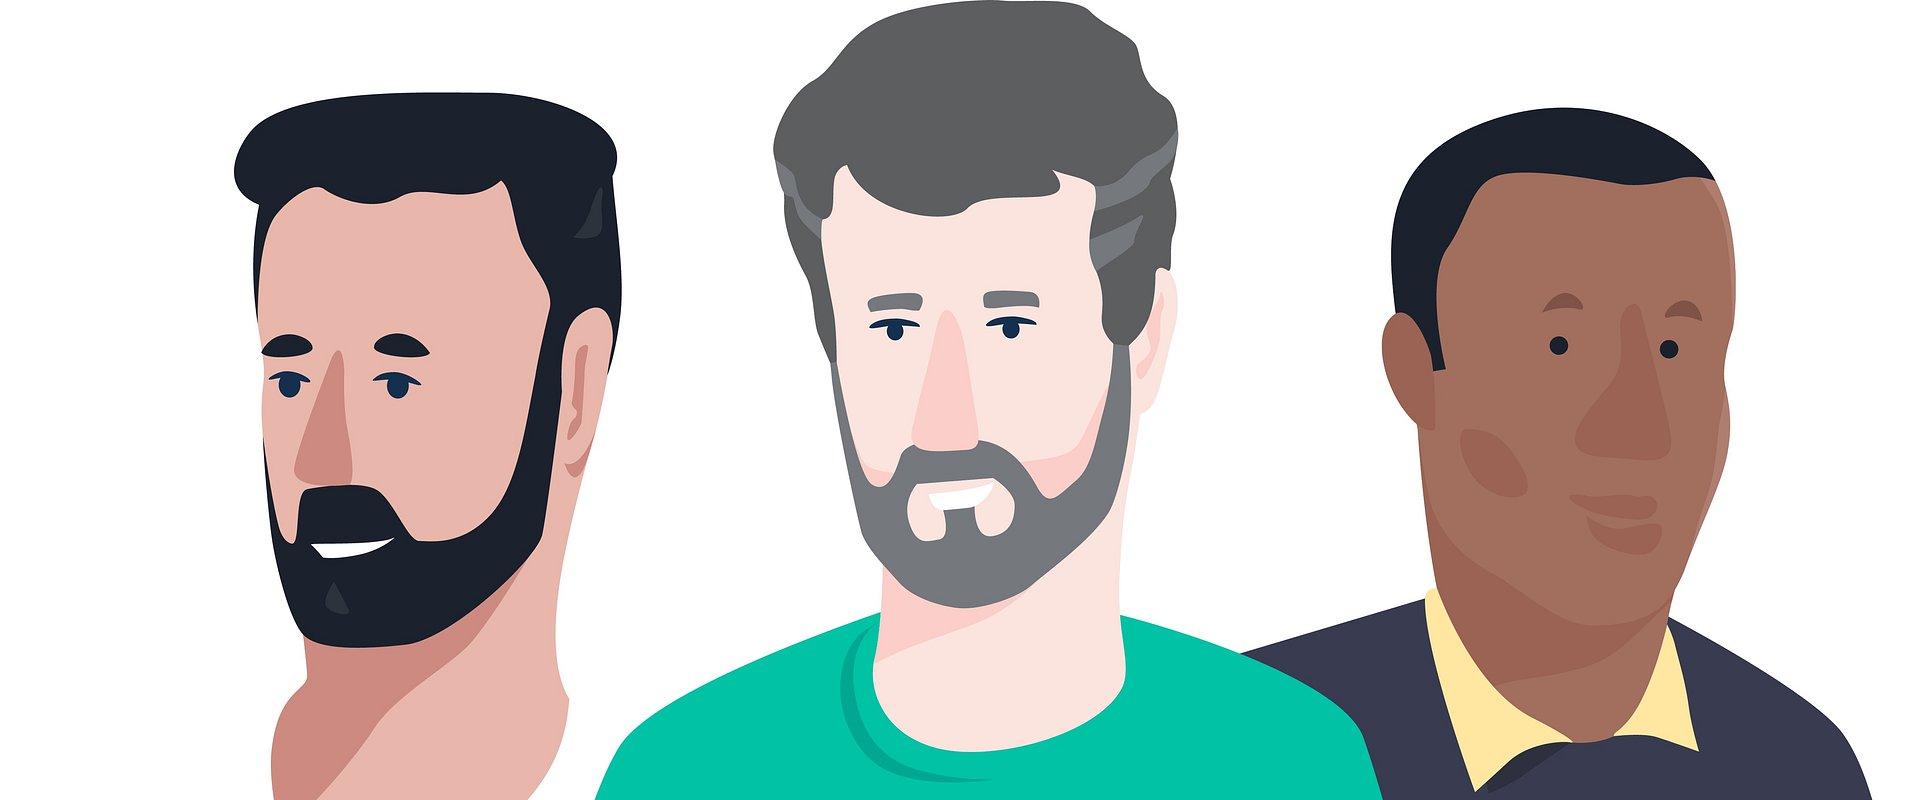 Movember: Más de 100 especialistas de Doctoralia ofrecenvisitas gratuitas para hombres en el mes de lasalud masculina